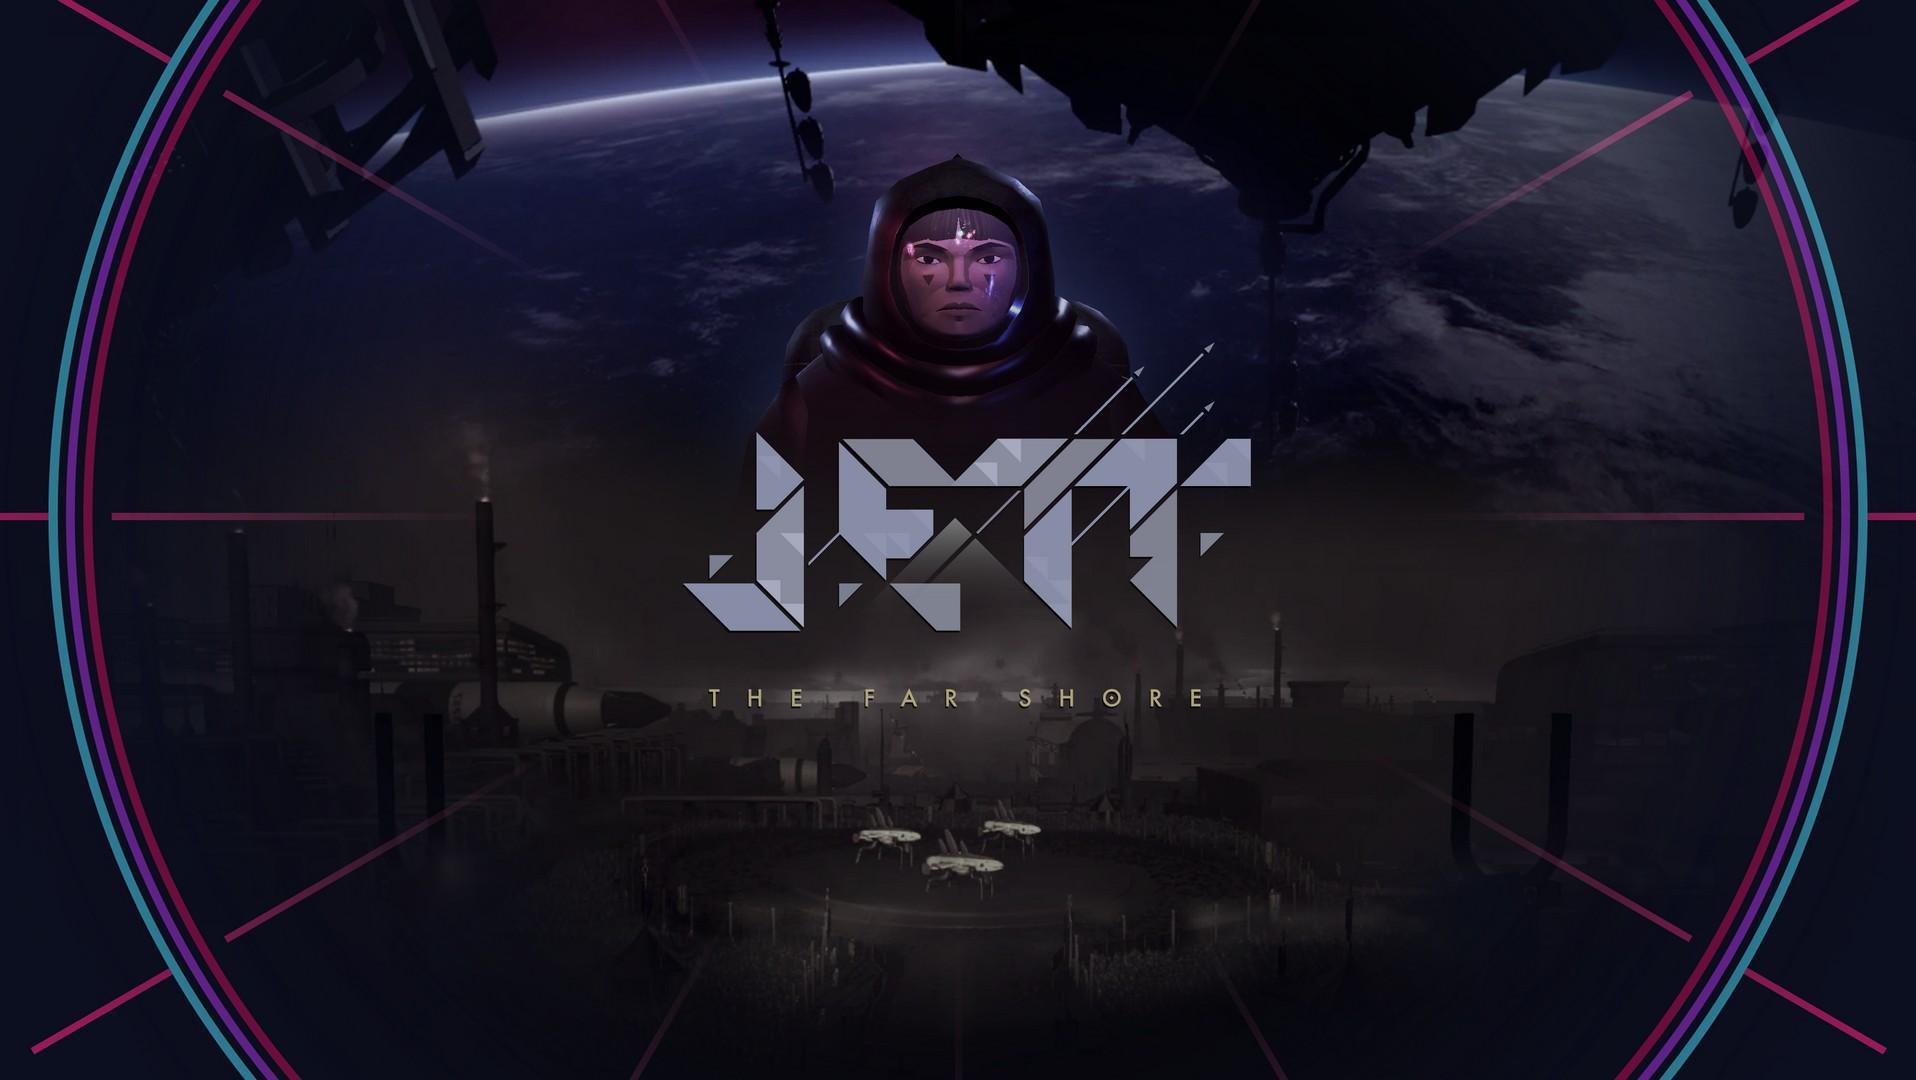 Jett The Far Shore Key Art